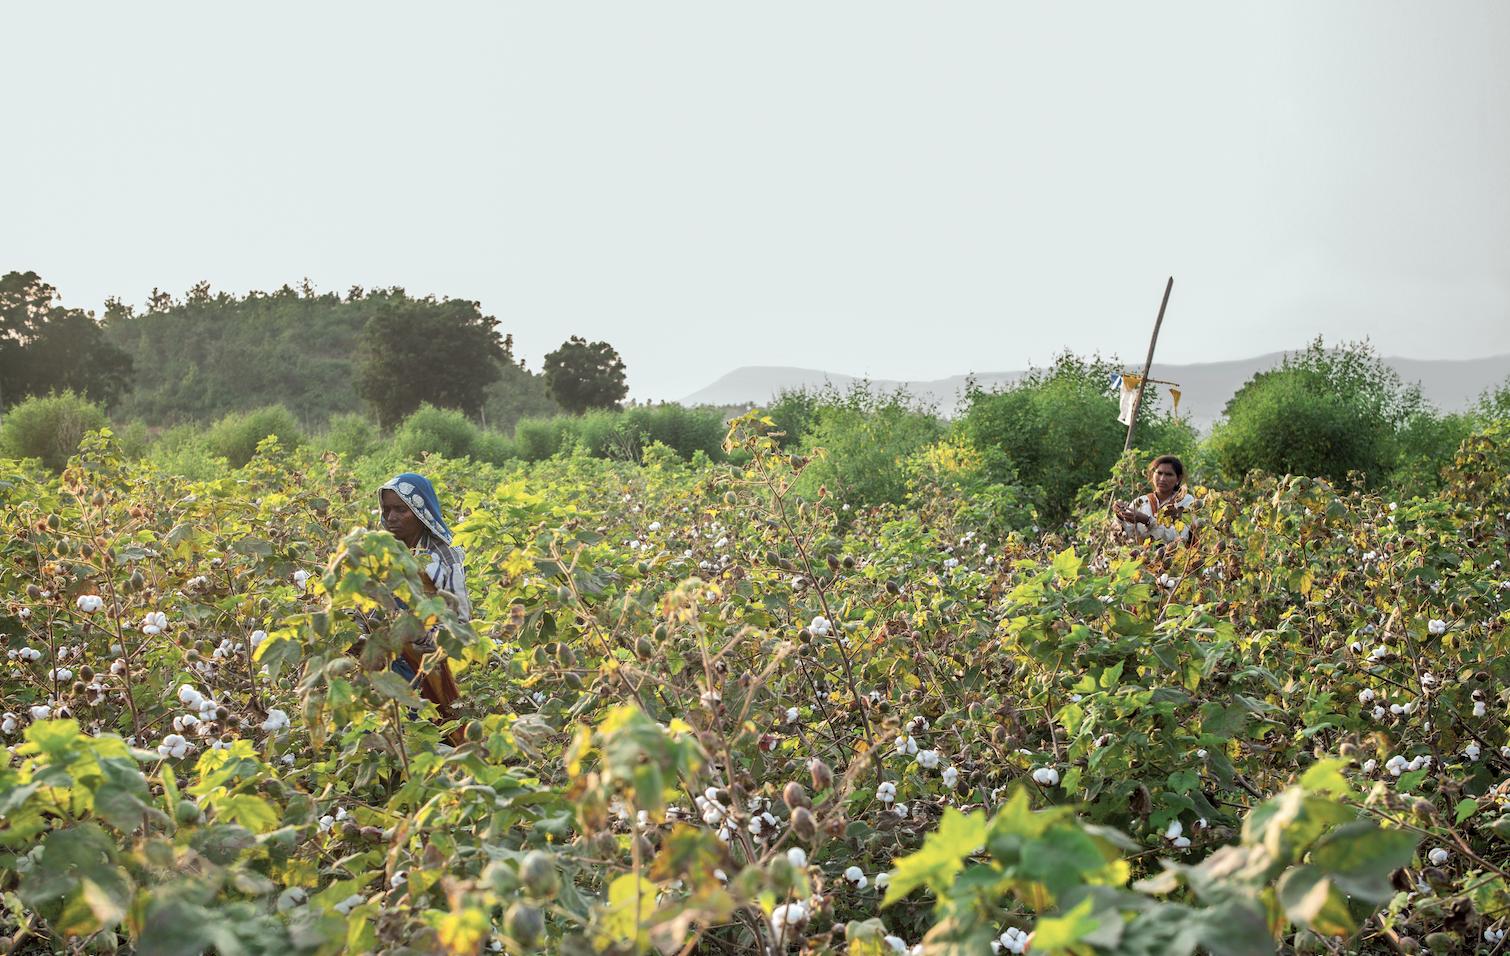 f4dff674 2f97 41c6 b1b5 656fc4d800f8 - Patagonia lance sa campagne sur l'agriculture biologique régénératrice